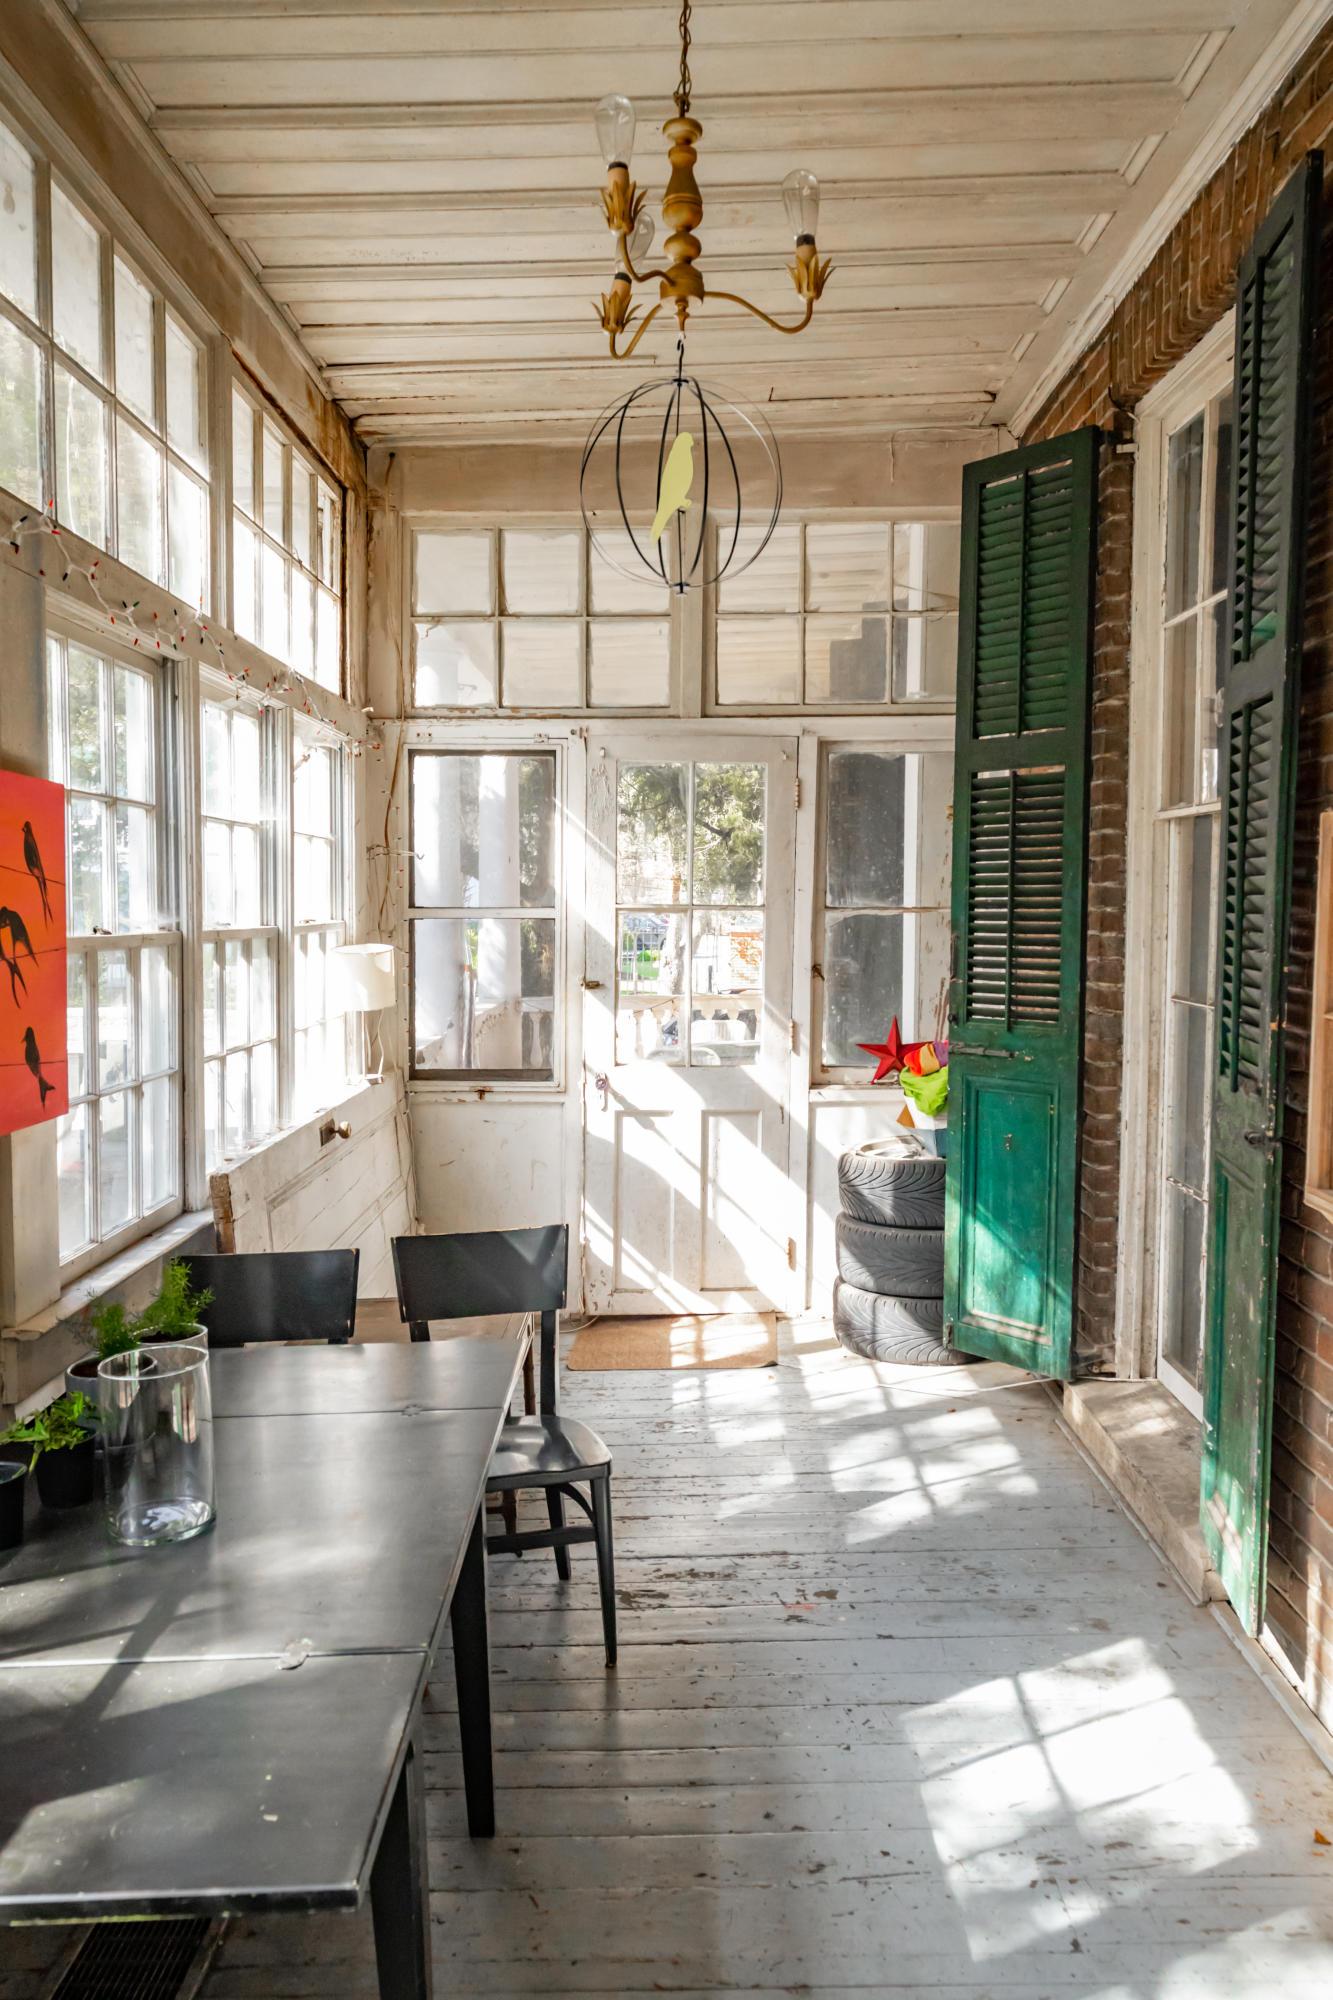 Harleston Village Homes For Sale - 157 Wentworth, Charleston, SC - 9